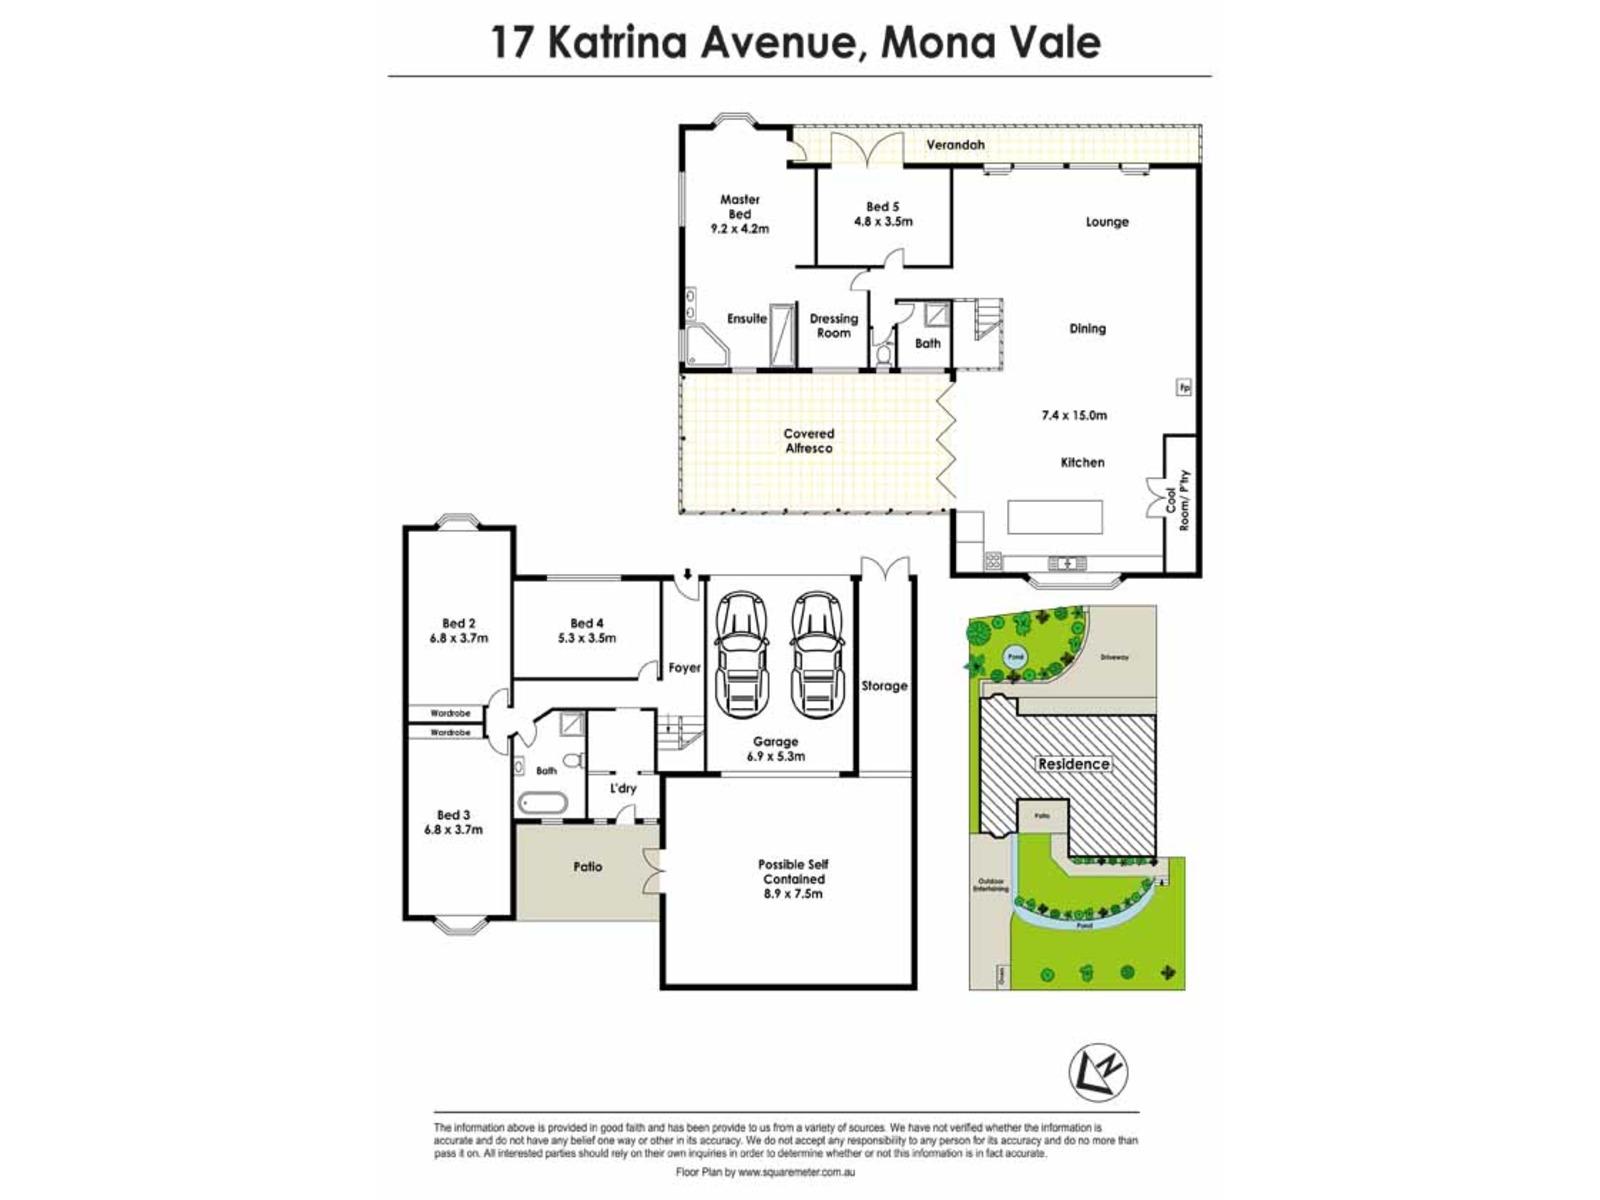 17 Katrina Avenue, Mona Vale